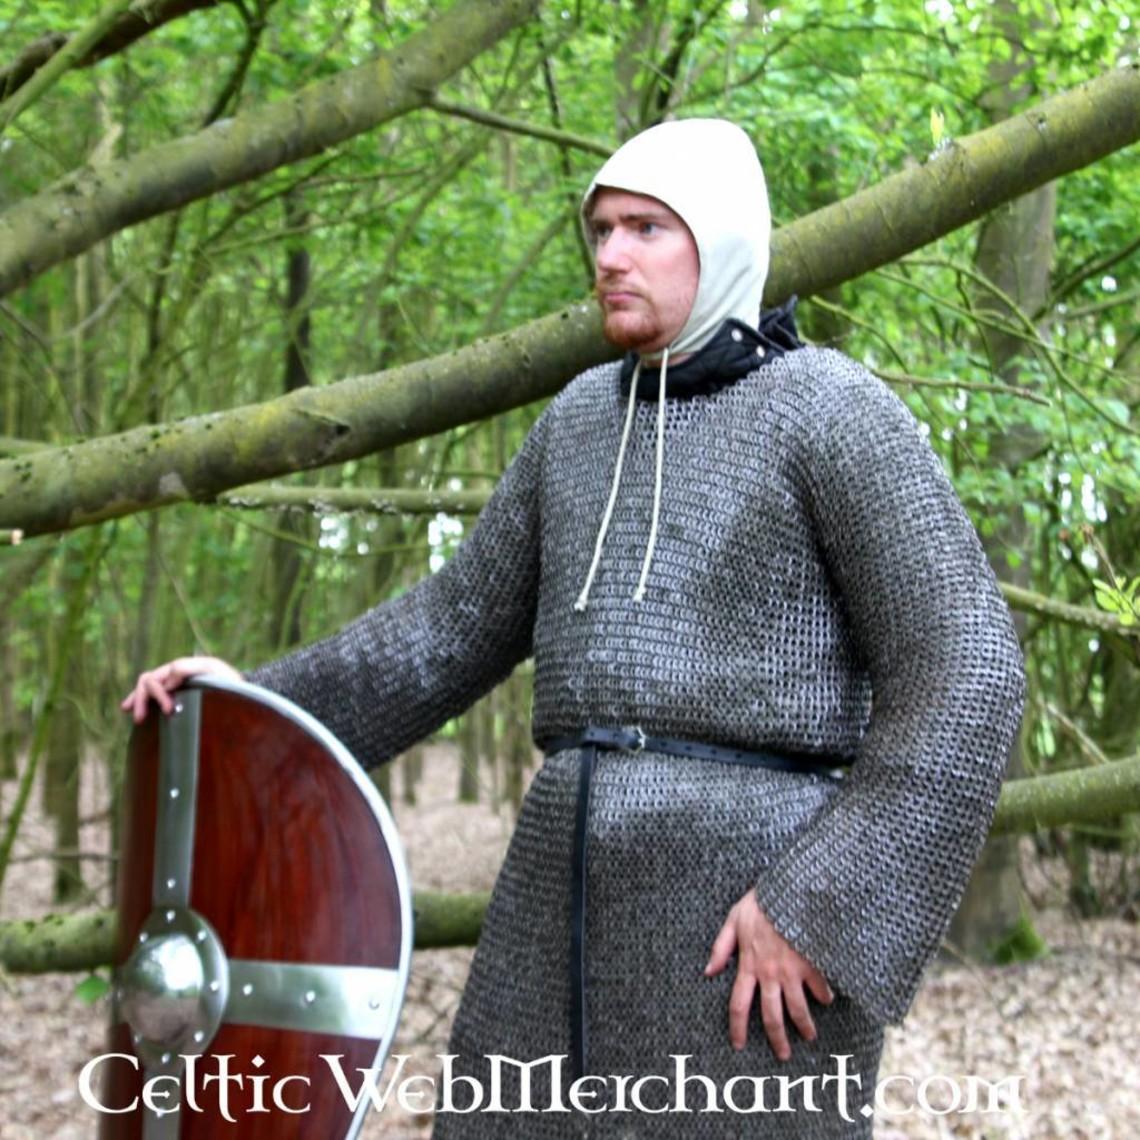 Ulfberth Langärmelig Kettenhemd, Rundringe - Rundnieten, 8 mm